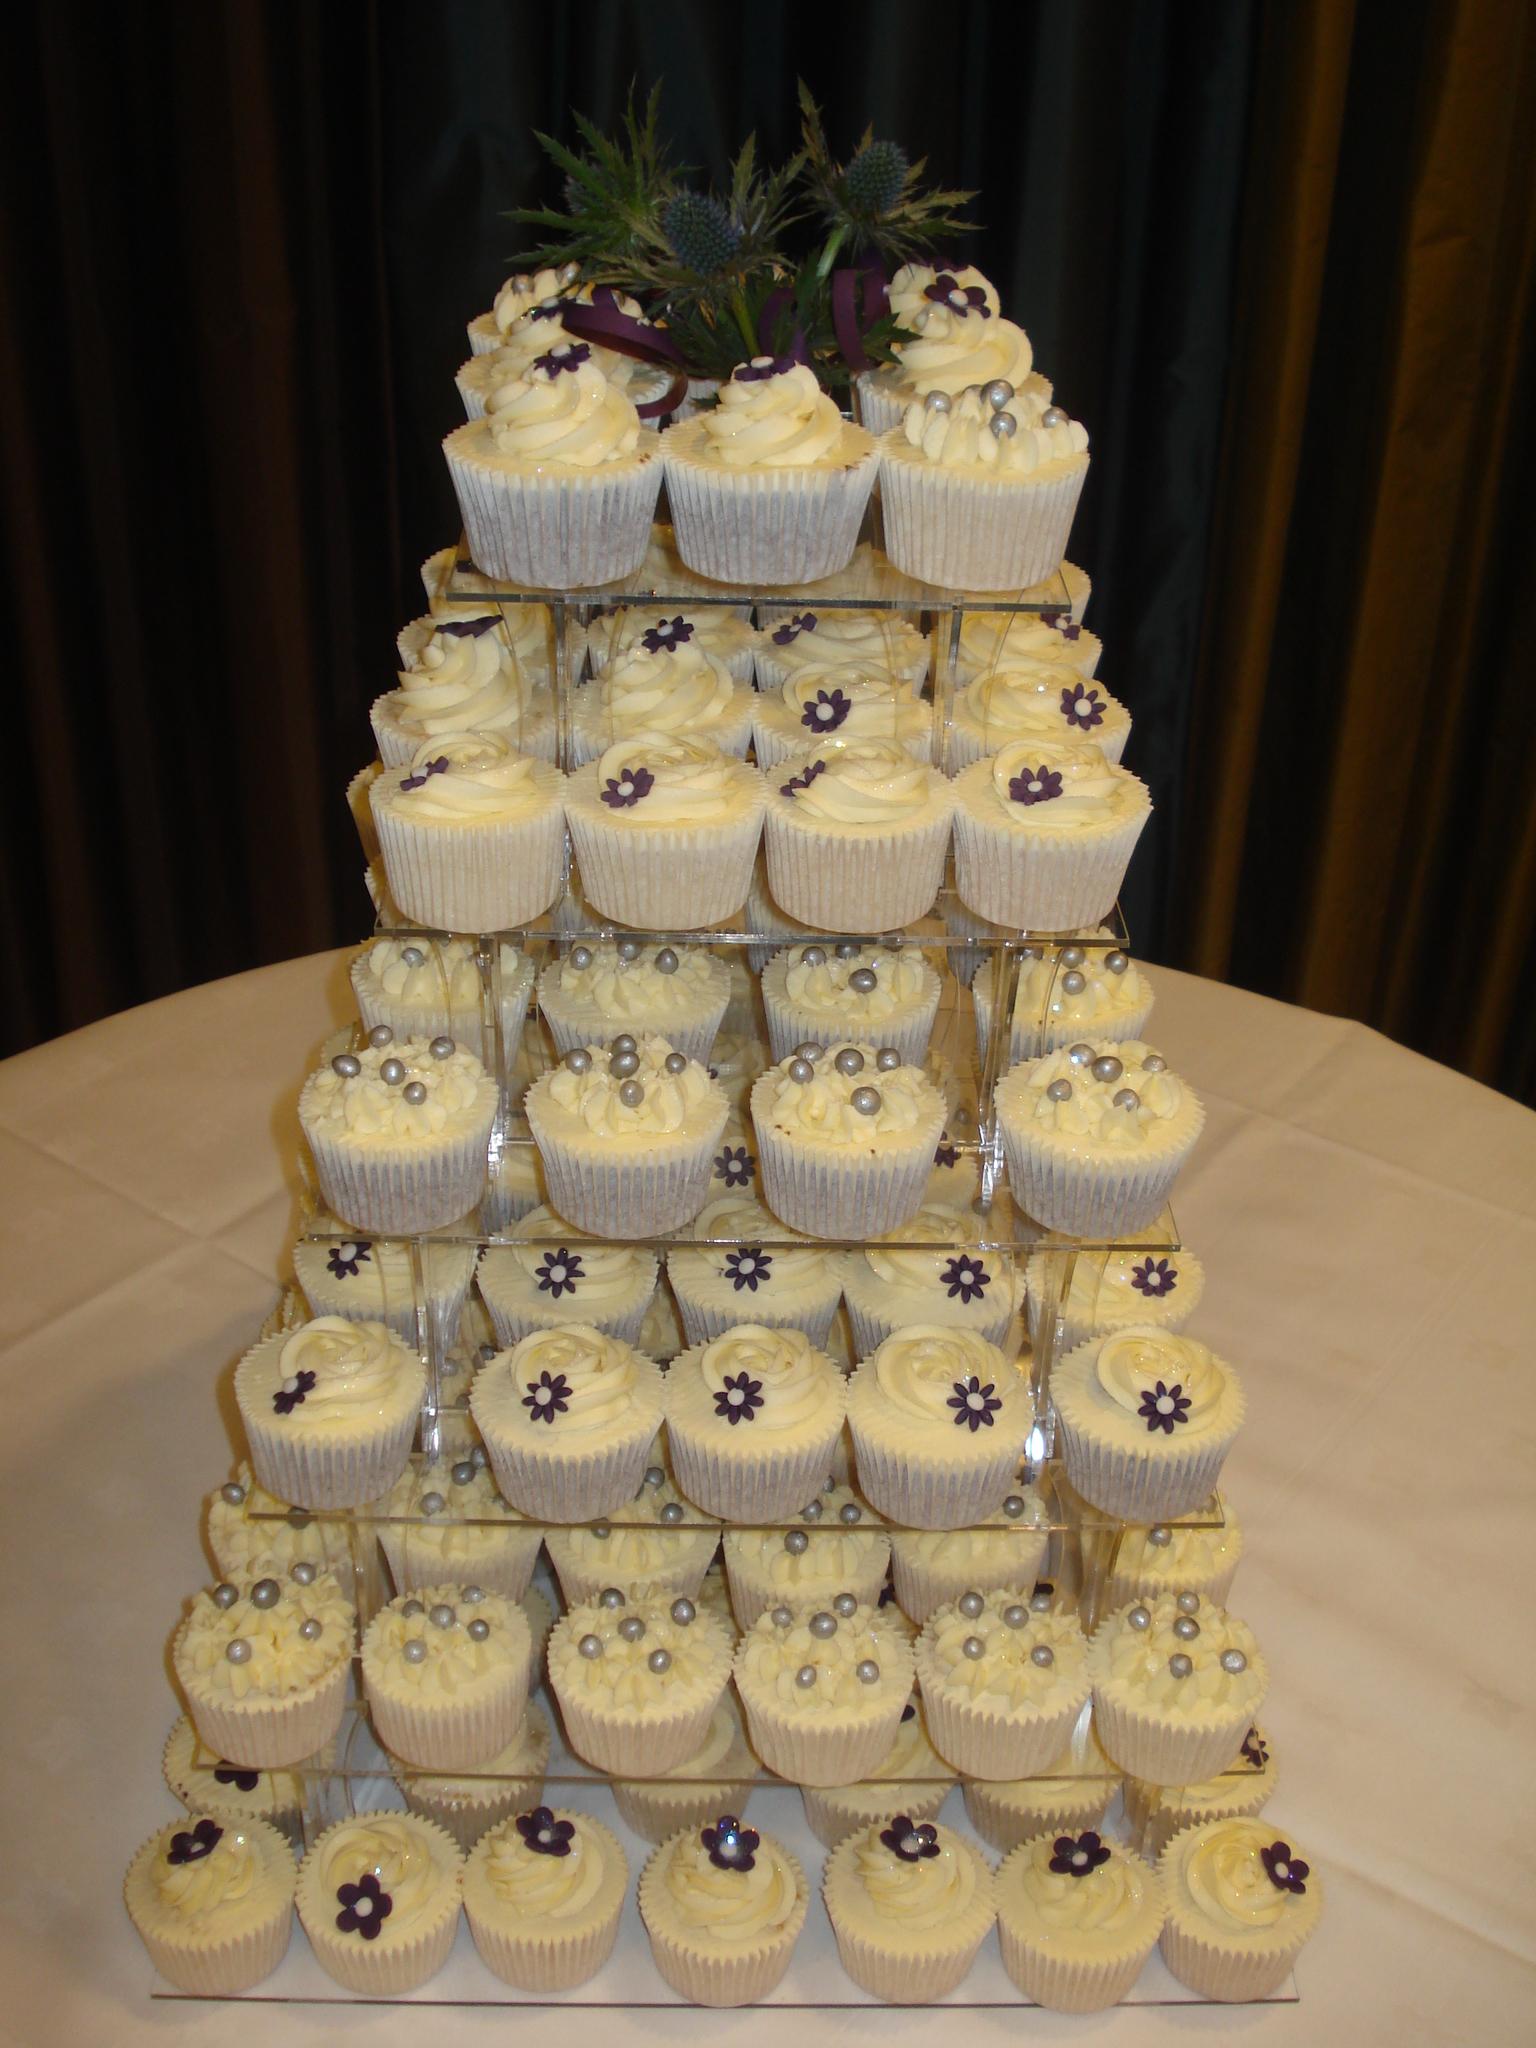 Weddings Weddings And More Weddings CAKES BY LIZZIE